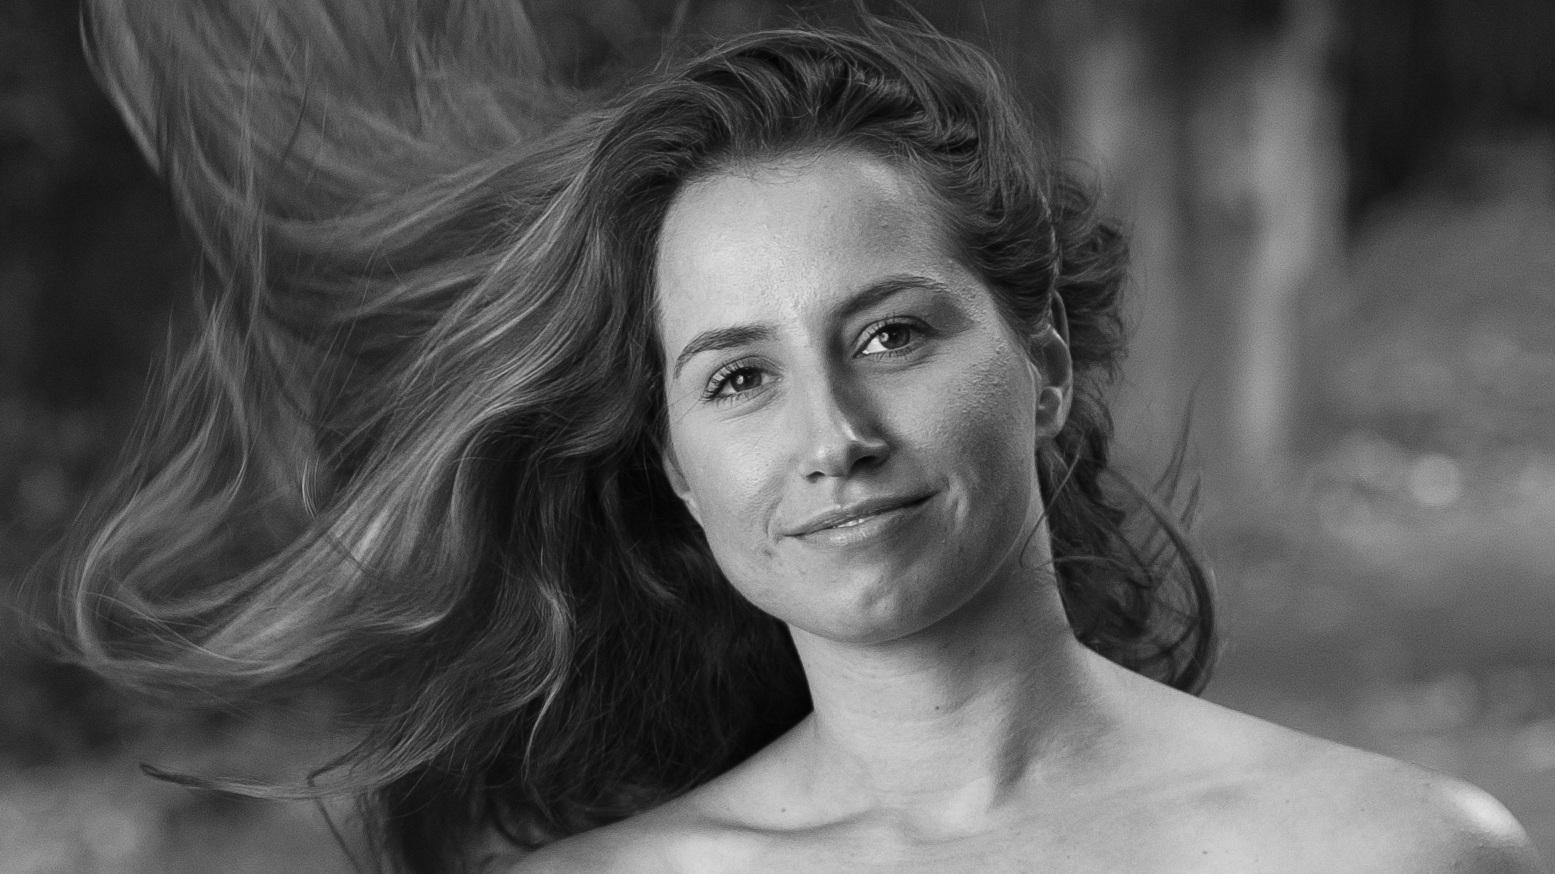 Portretfoto van Jacqueline de Kuijper in 2013. Fotograaf: Kurt Loeffler